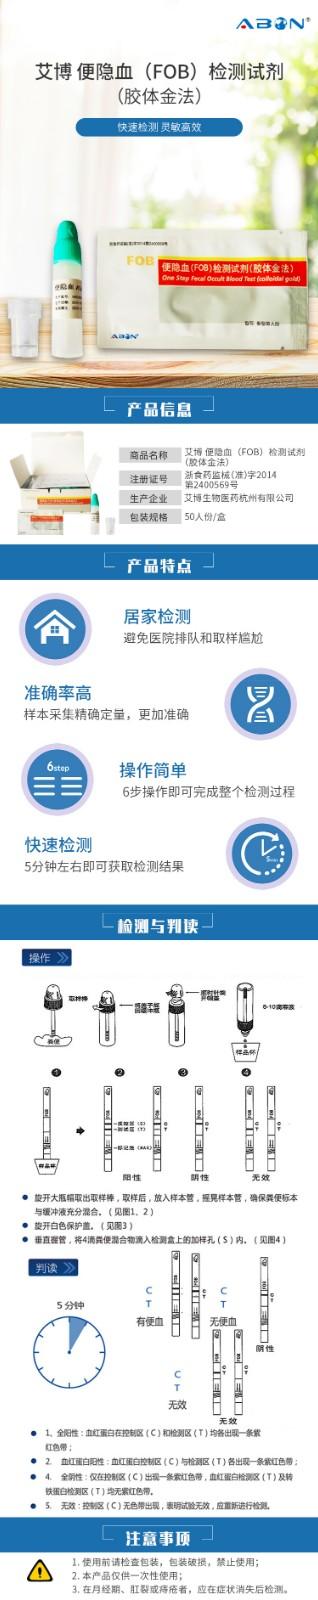 艾博-便隐血(FOB)检测试剂(胶体金法)详情页.jpg